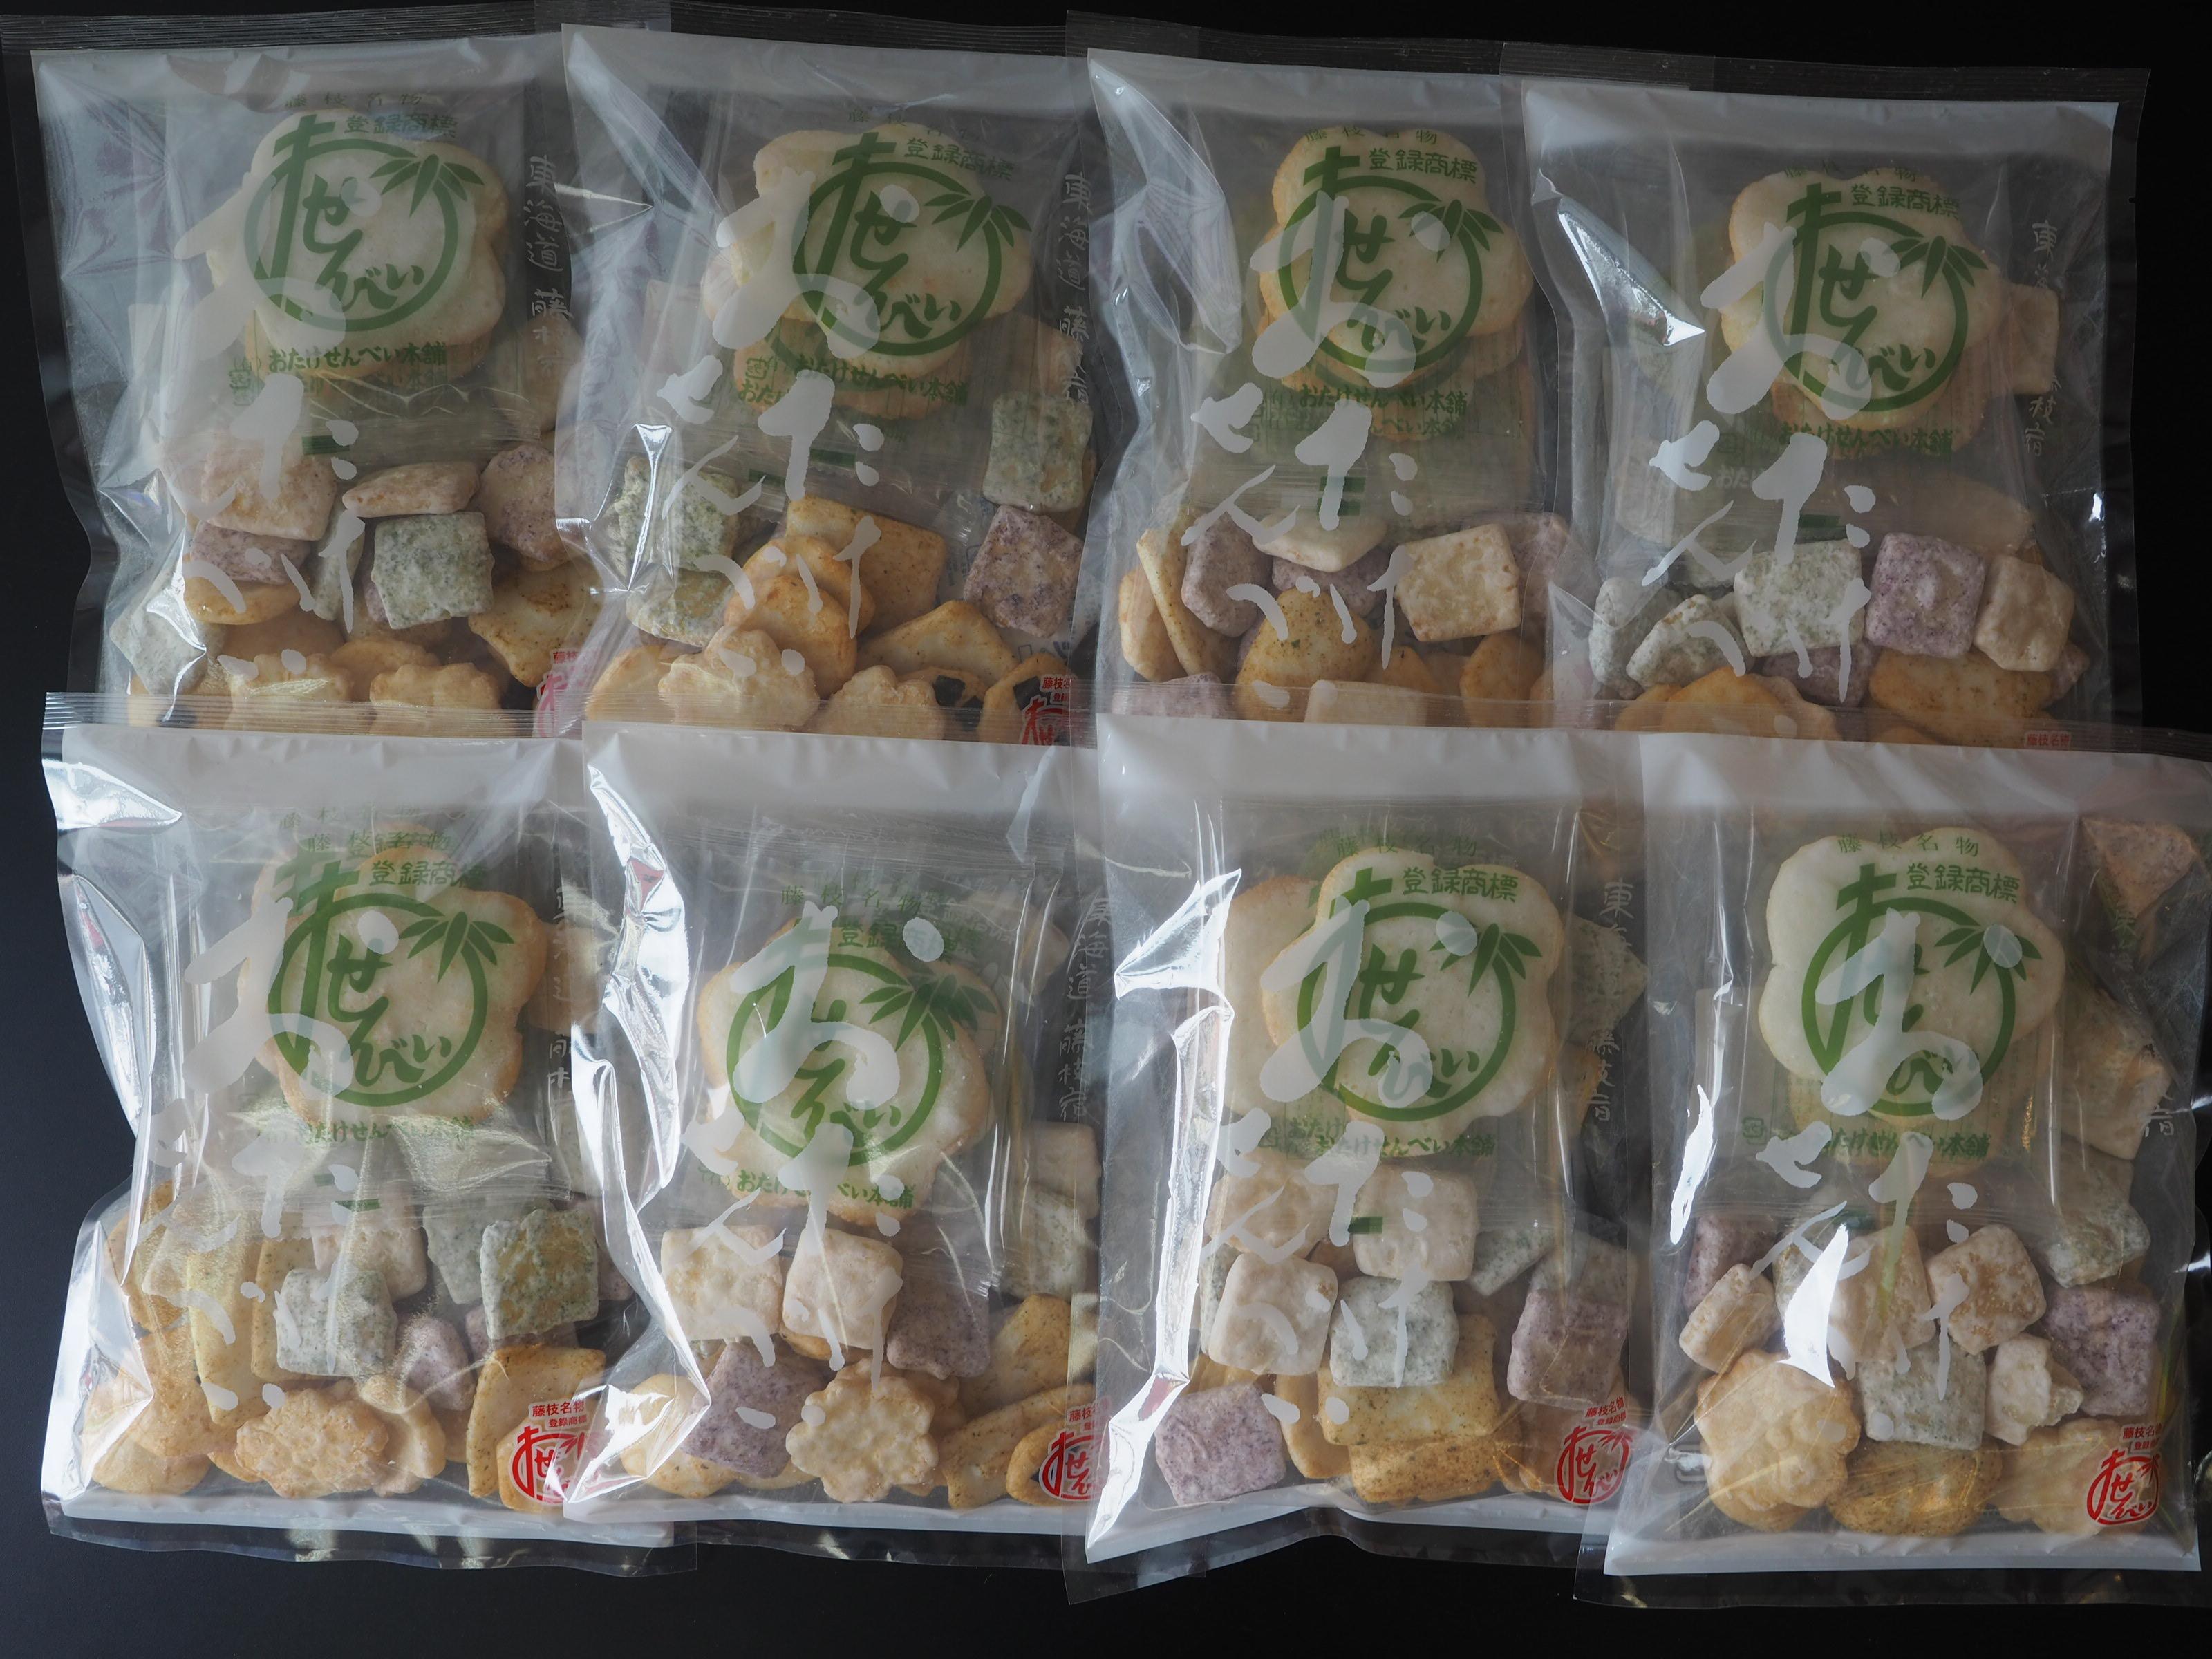 おたけせんべい袋入詰め合わせ 8袋入り(送料無料)